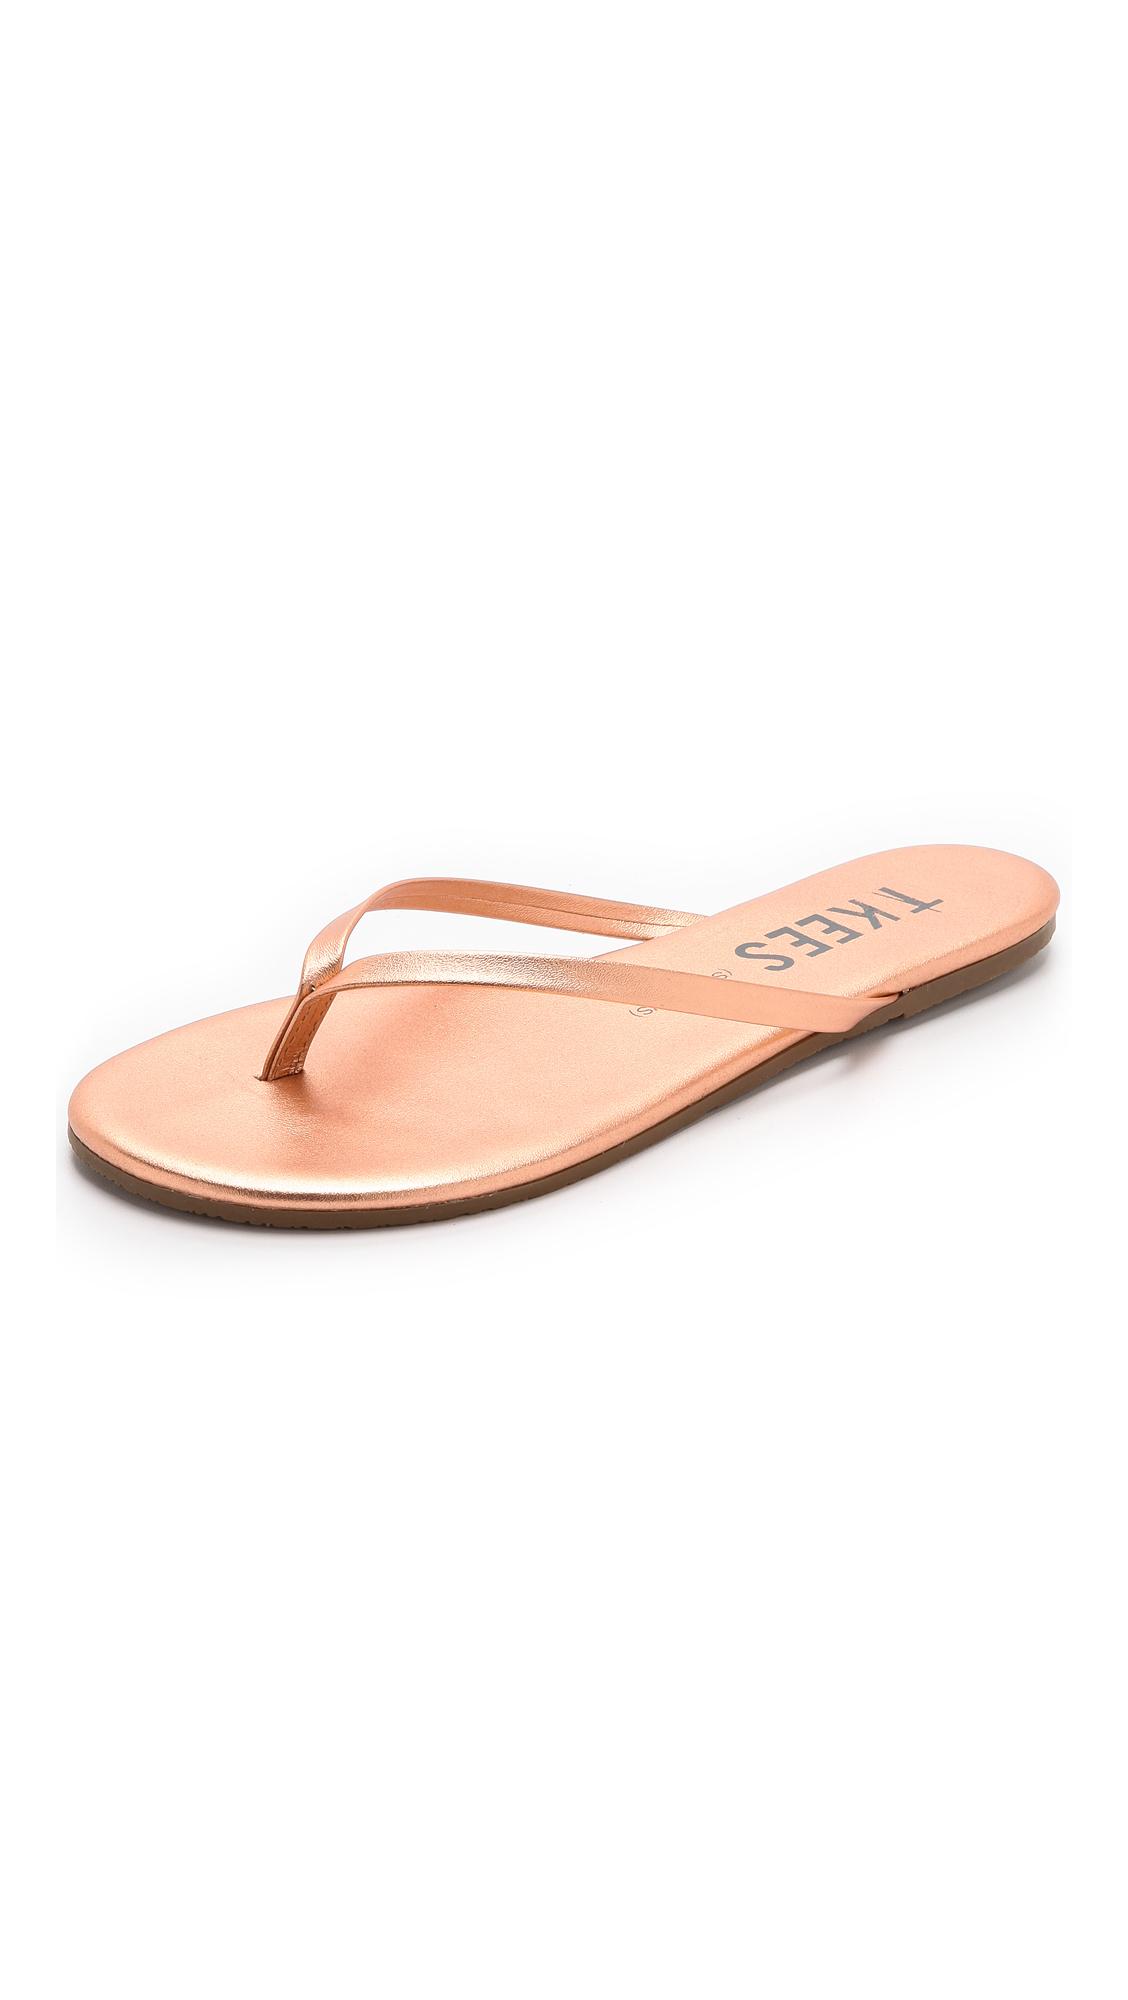 TKEES Shadow Flip Flops - Beach Pearl